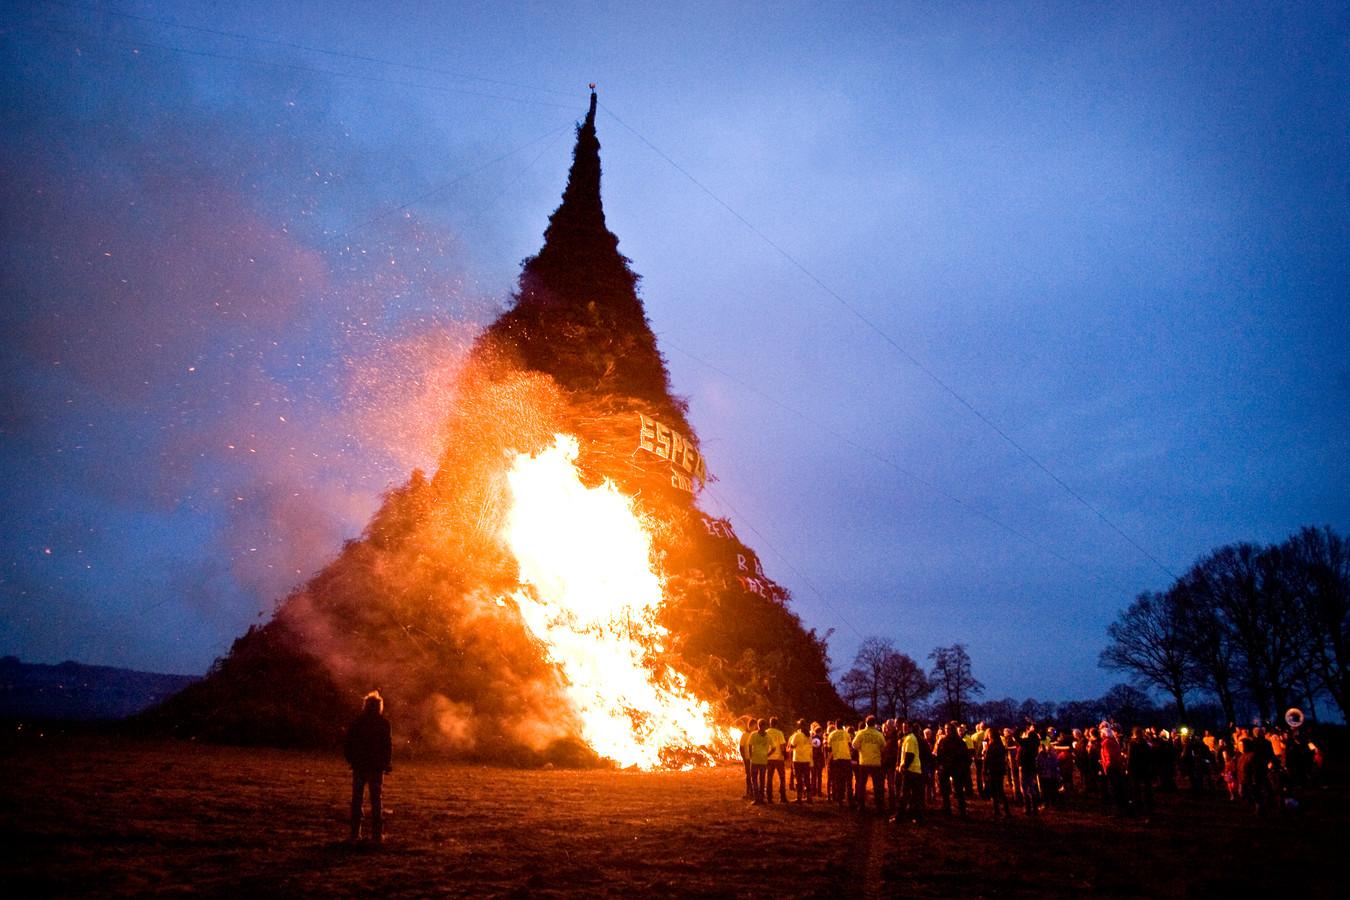 Het paasvuur in 2012 in Espelo. Nog altijd de hoogste ooit ter wereld. De stapel was 45,98 meter hoog.